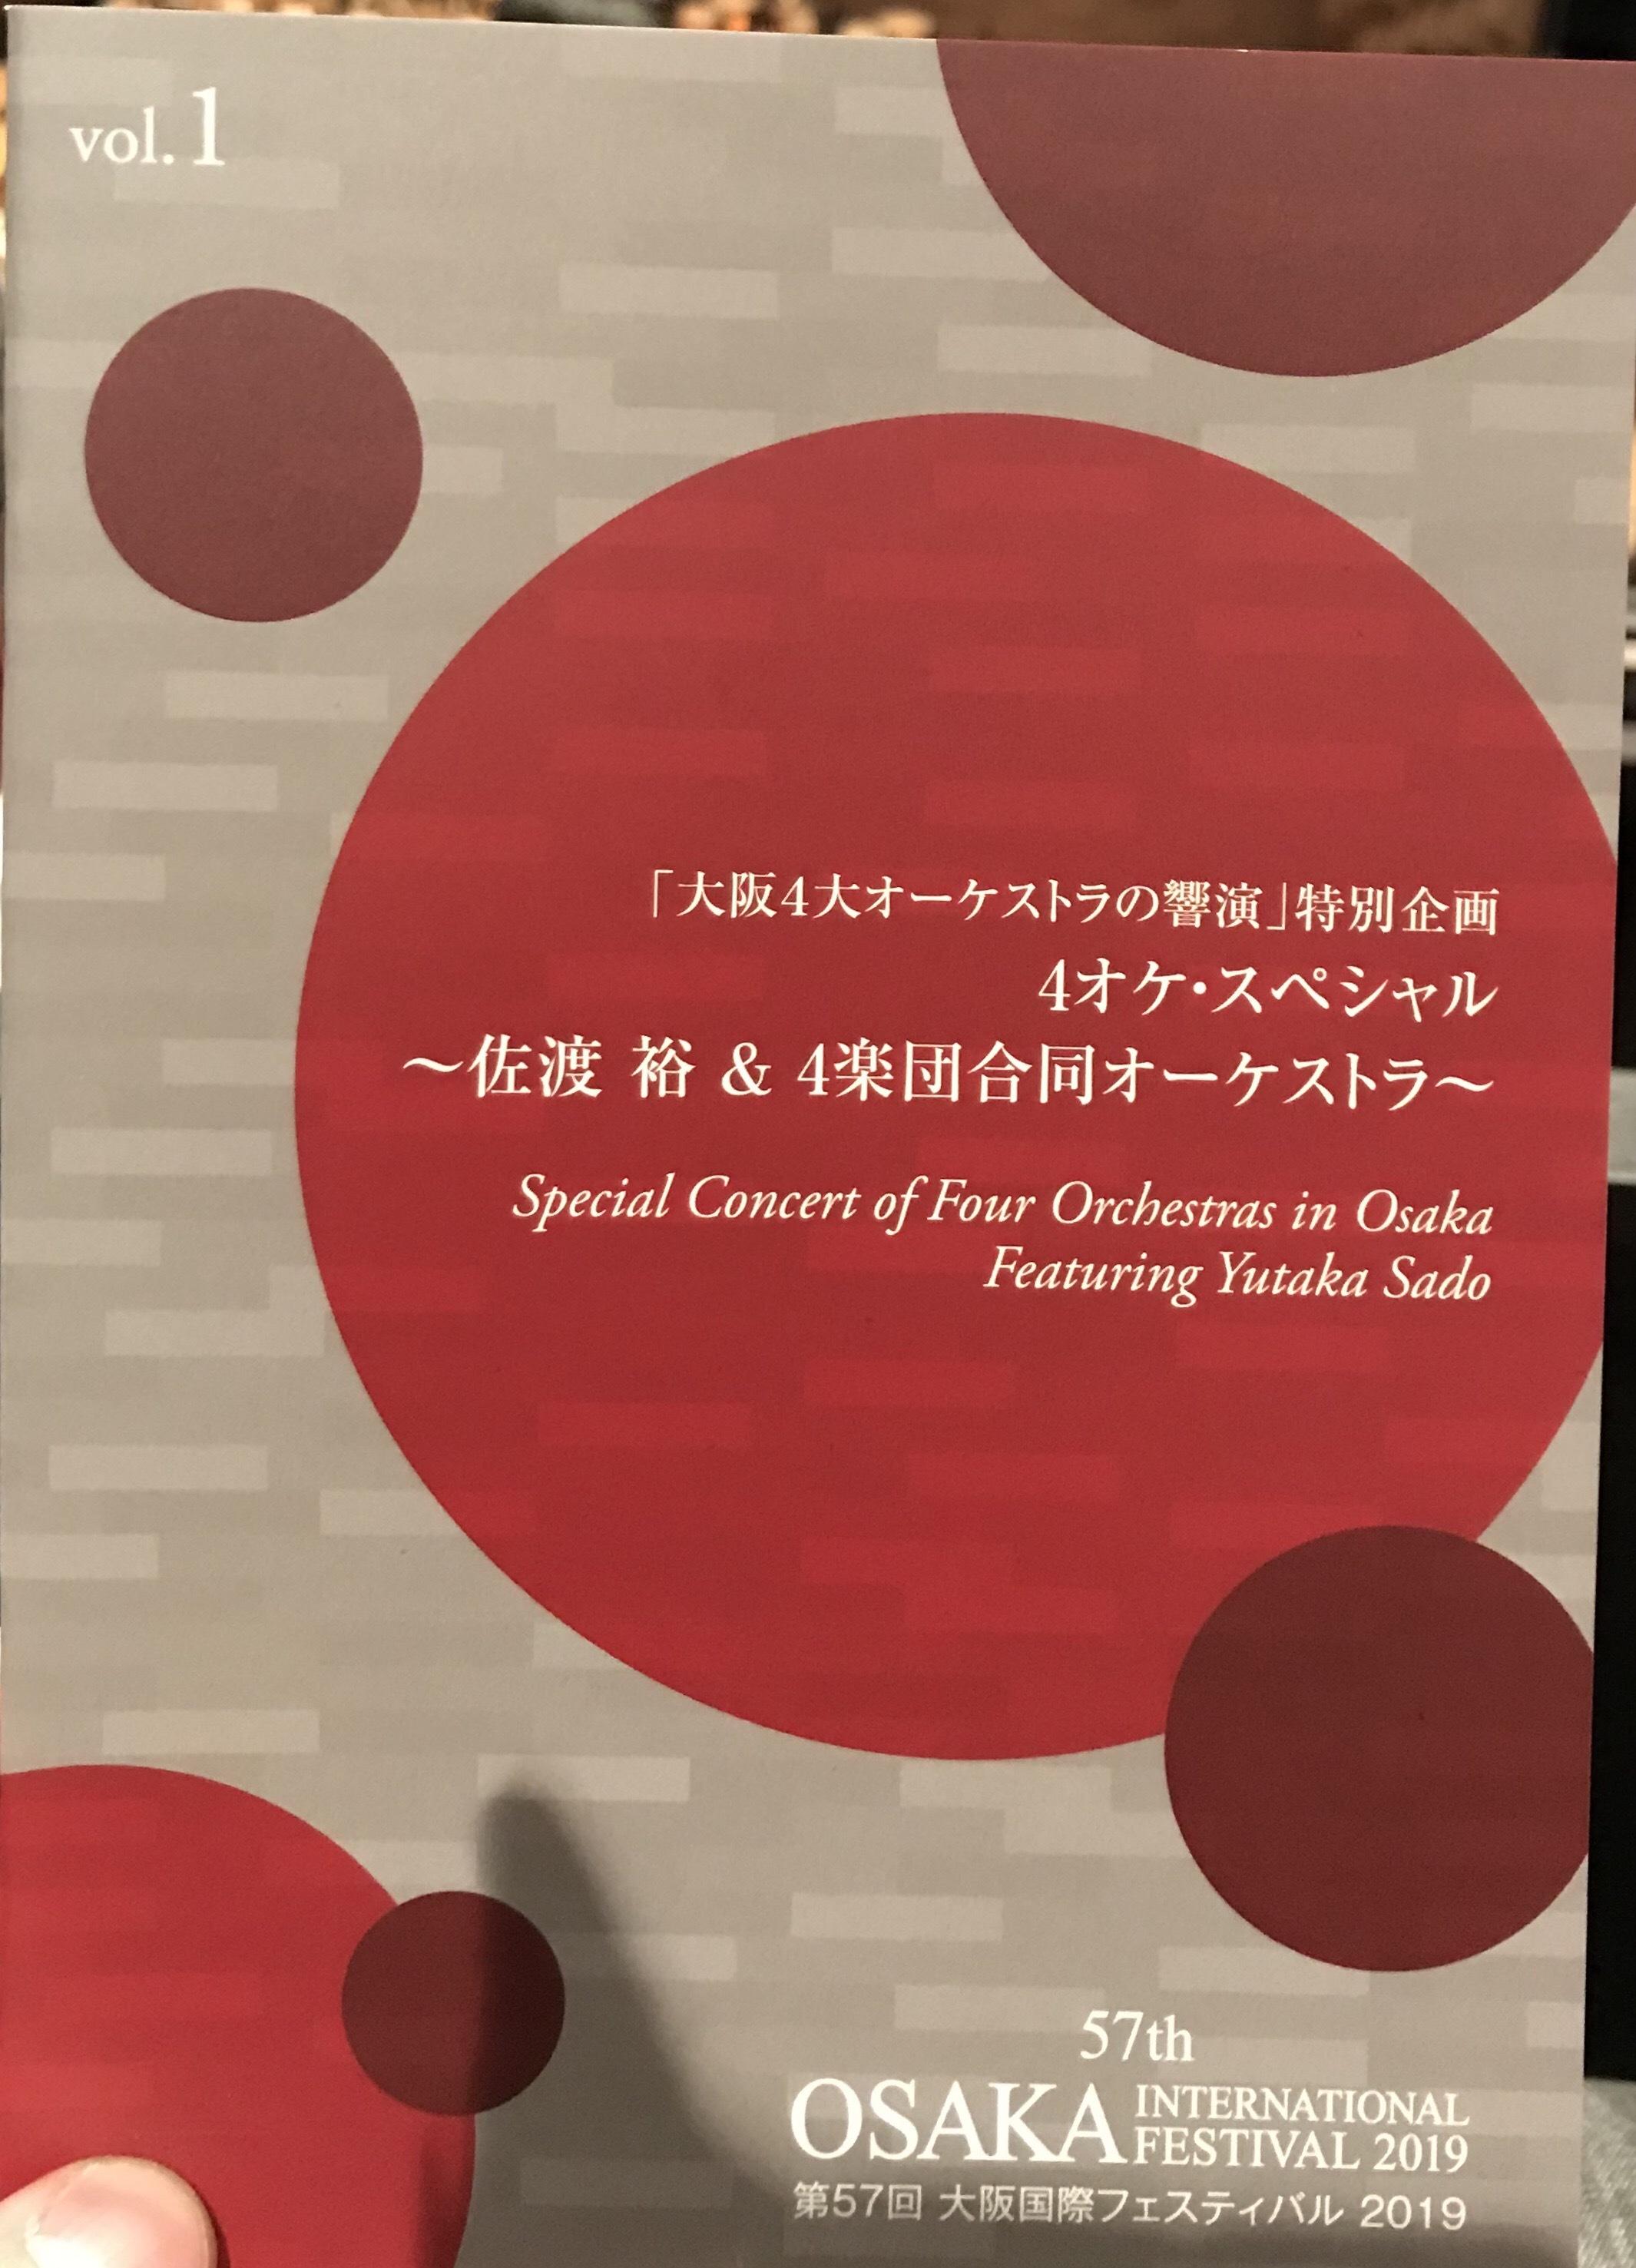 佐渡裕&大阪4楽団合同オケで惑星とアルペンを聴く